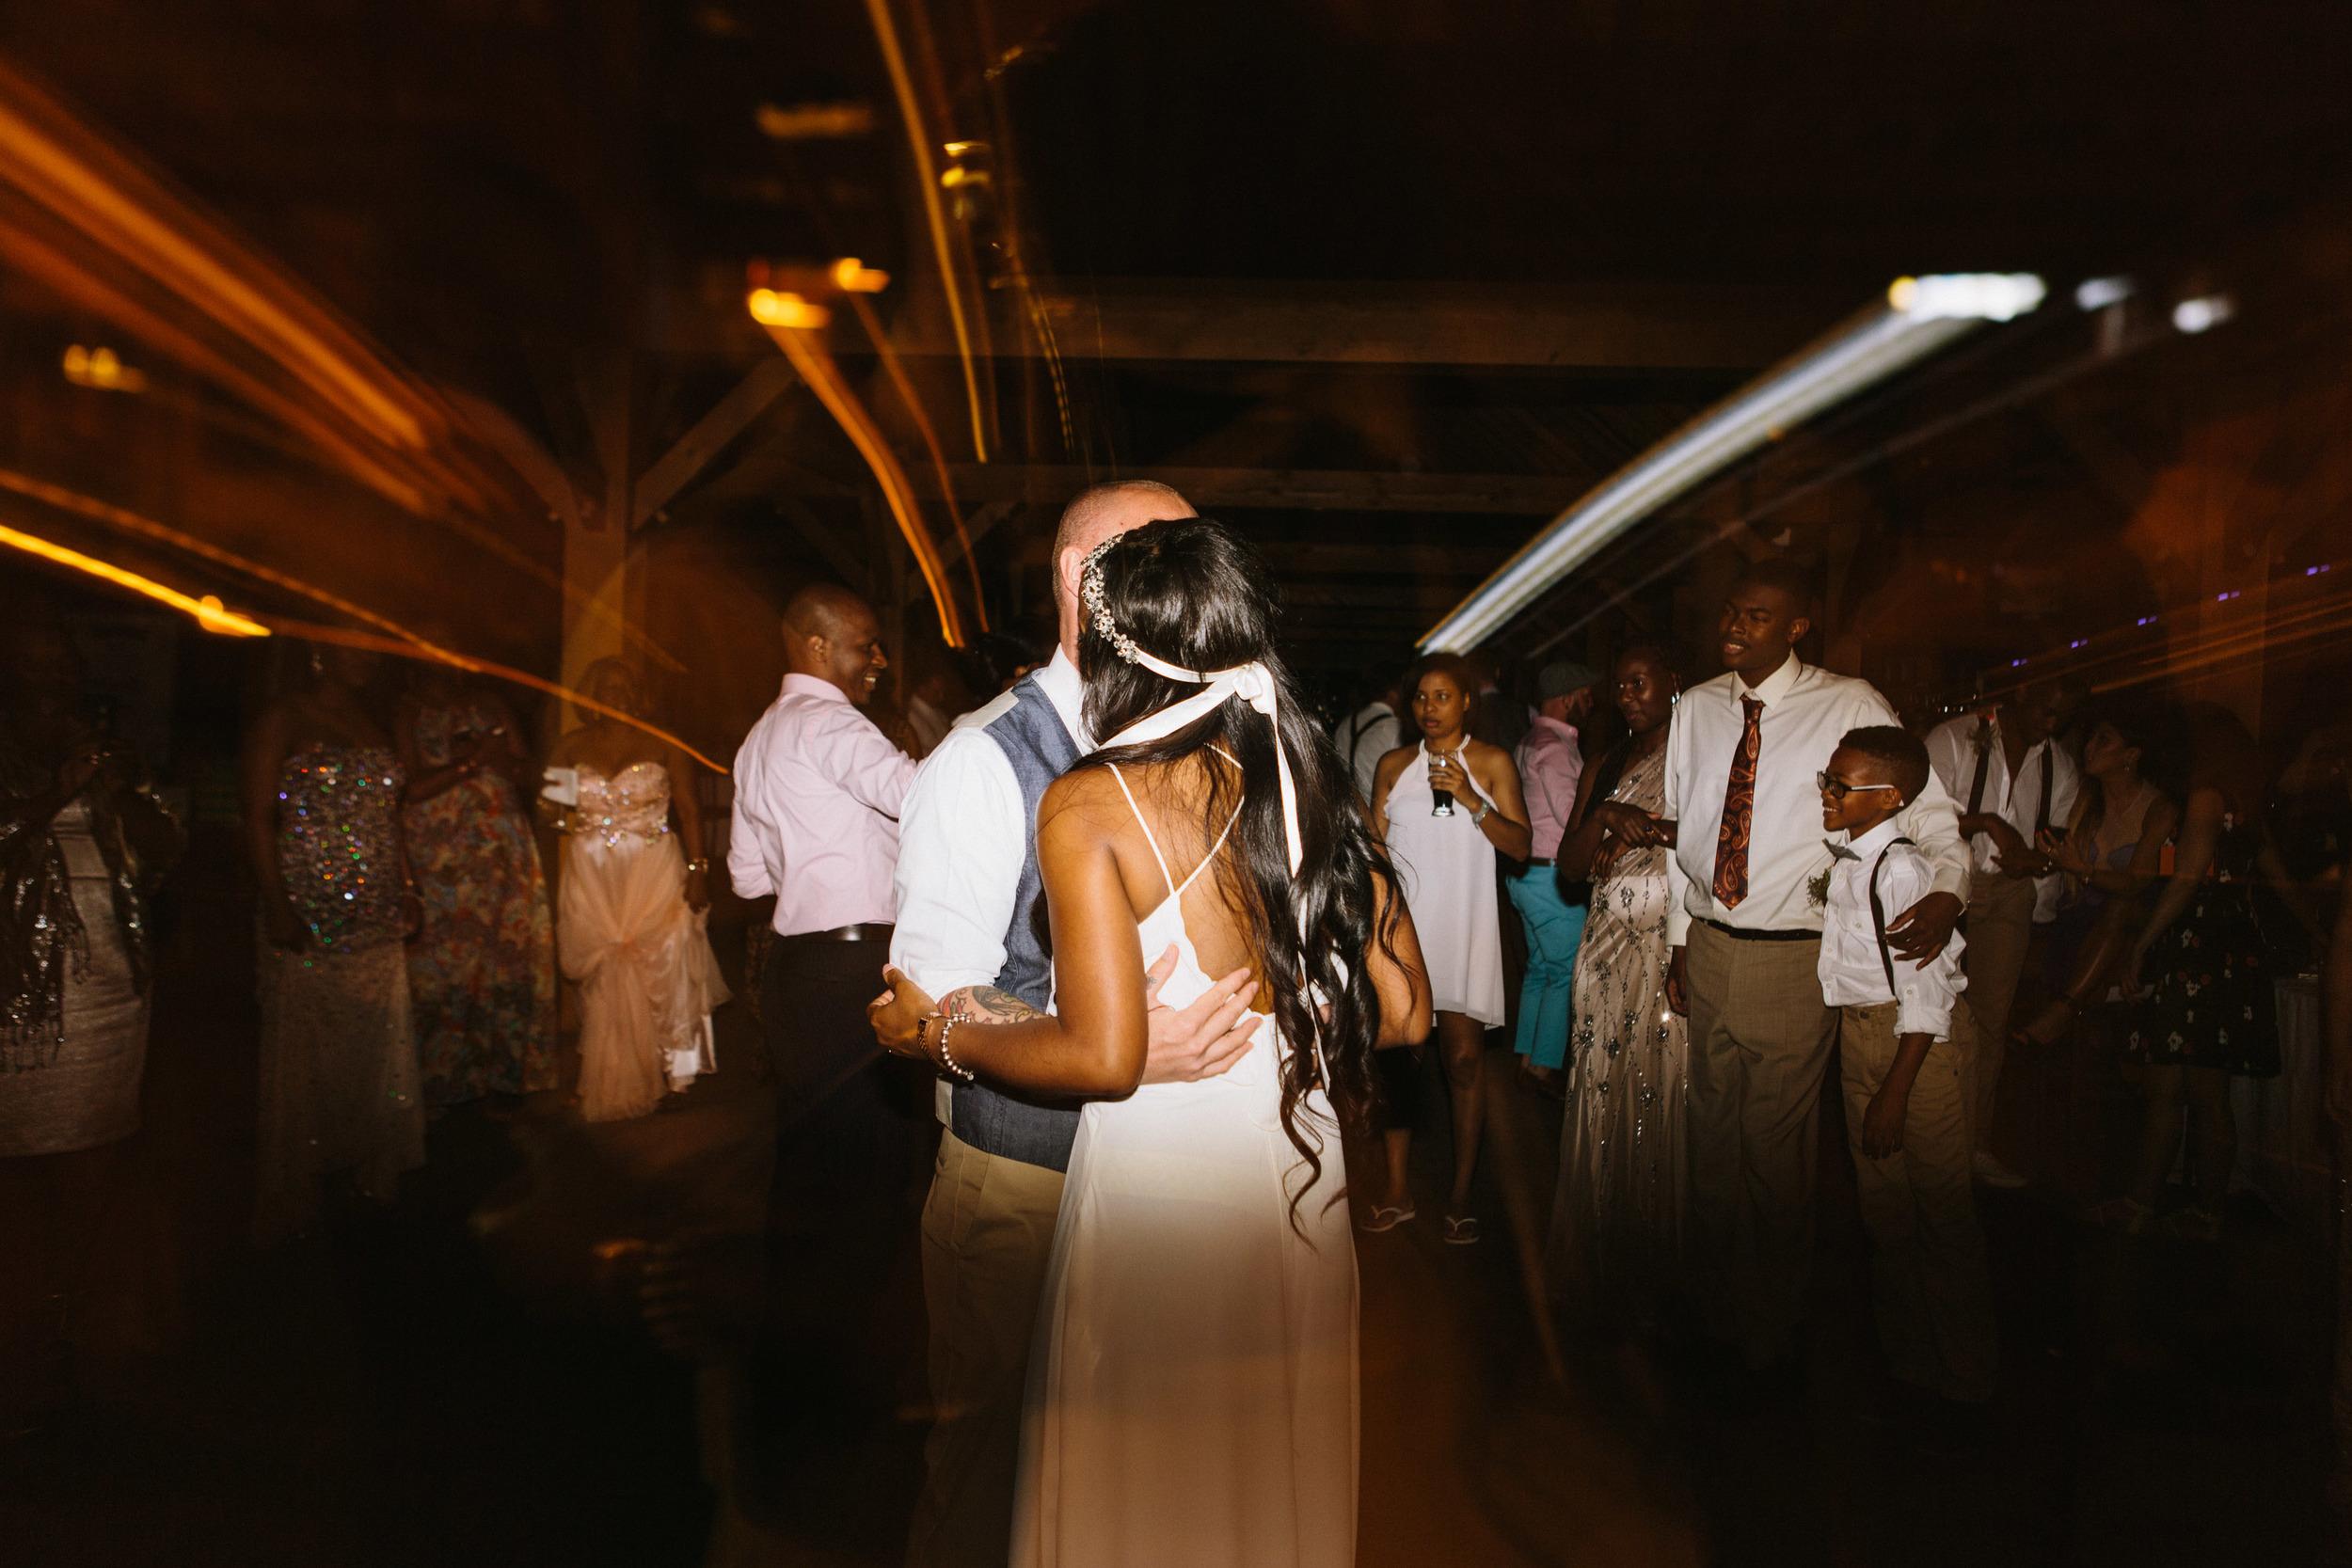 michael-rousseau-photography-shannae-ingleton-wedding-sean-craigleith-ski-club-wedding100.jpg